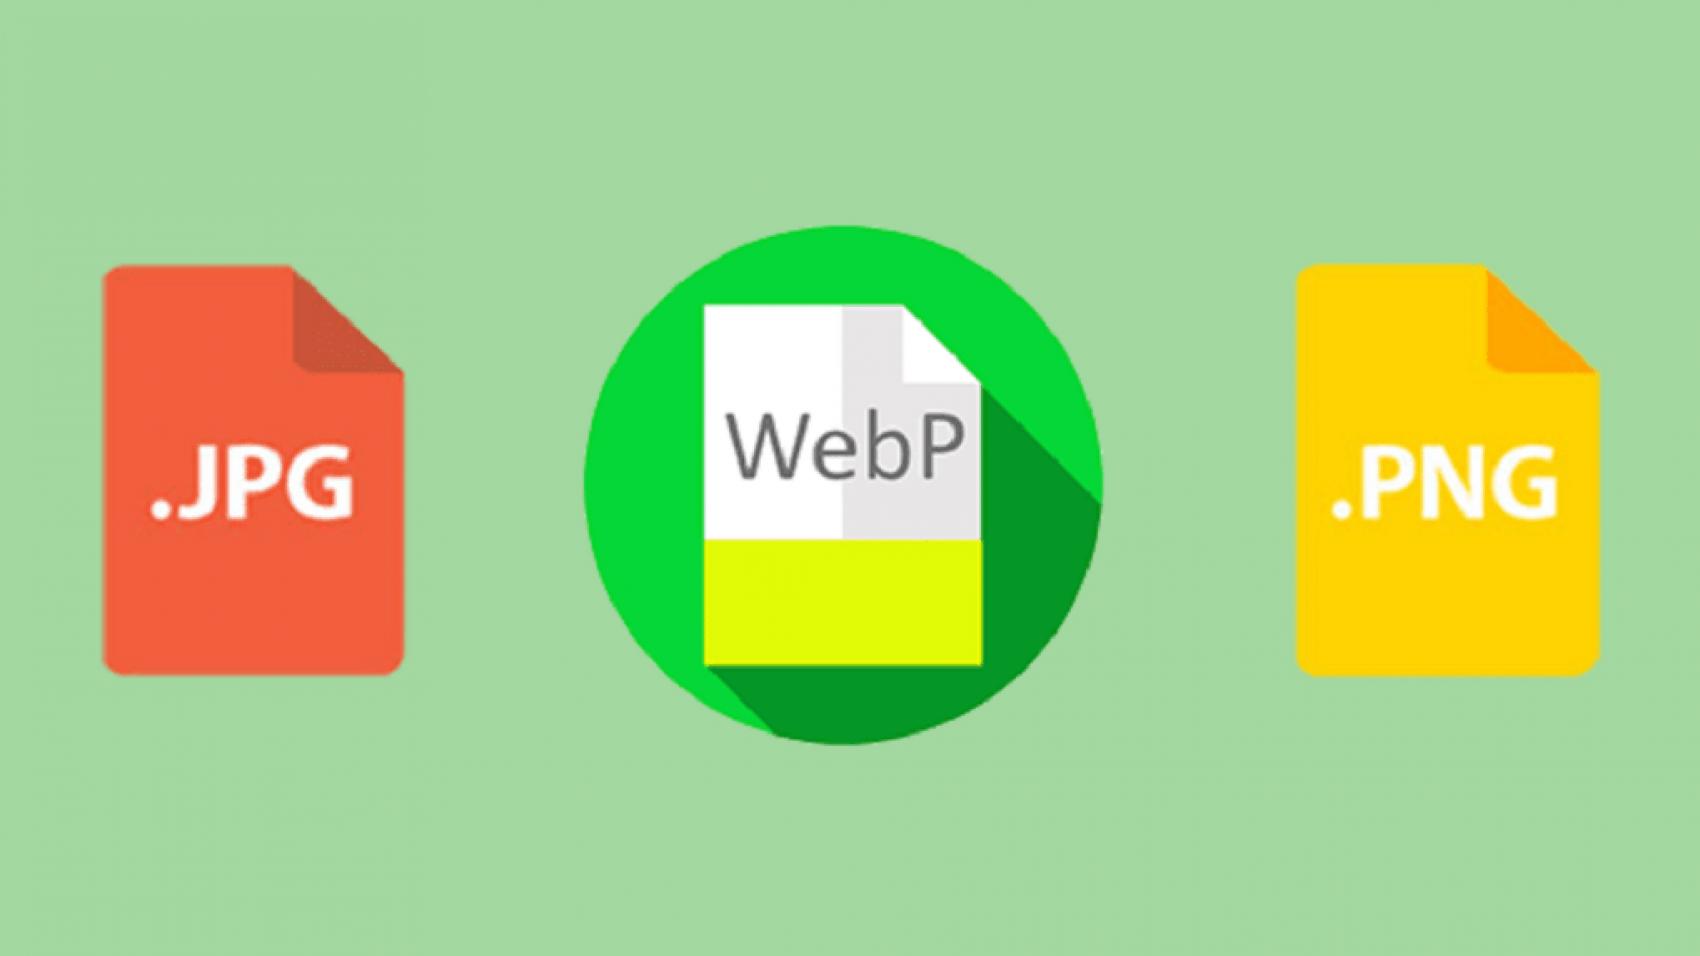 Формат изображений WebP: что это такое и зачем он нужен